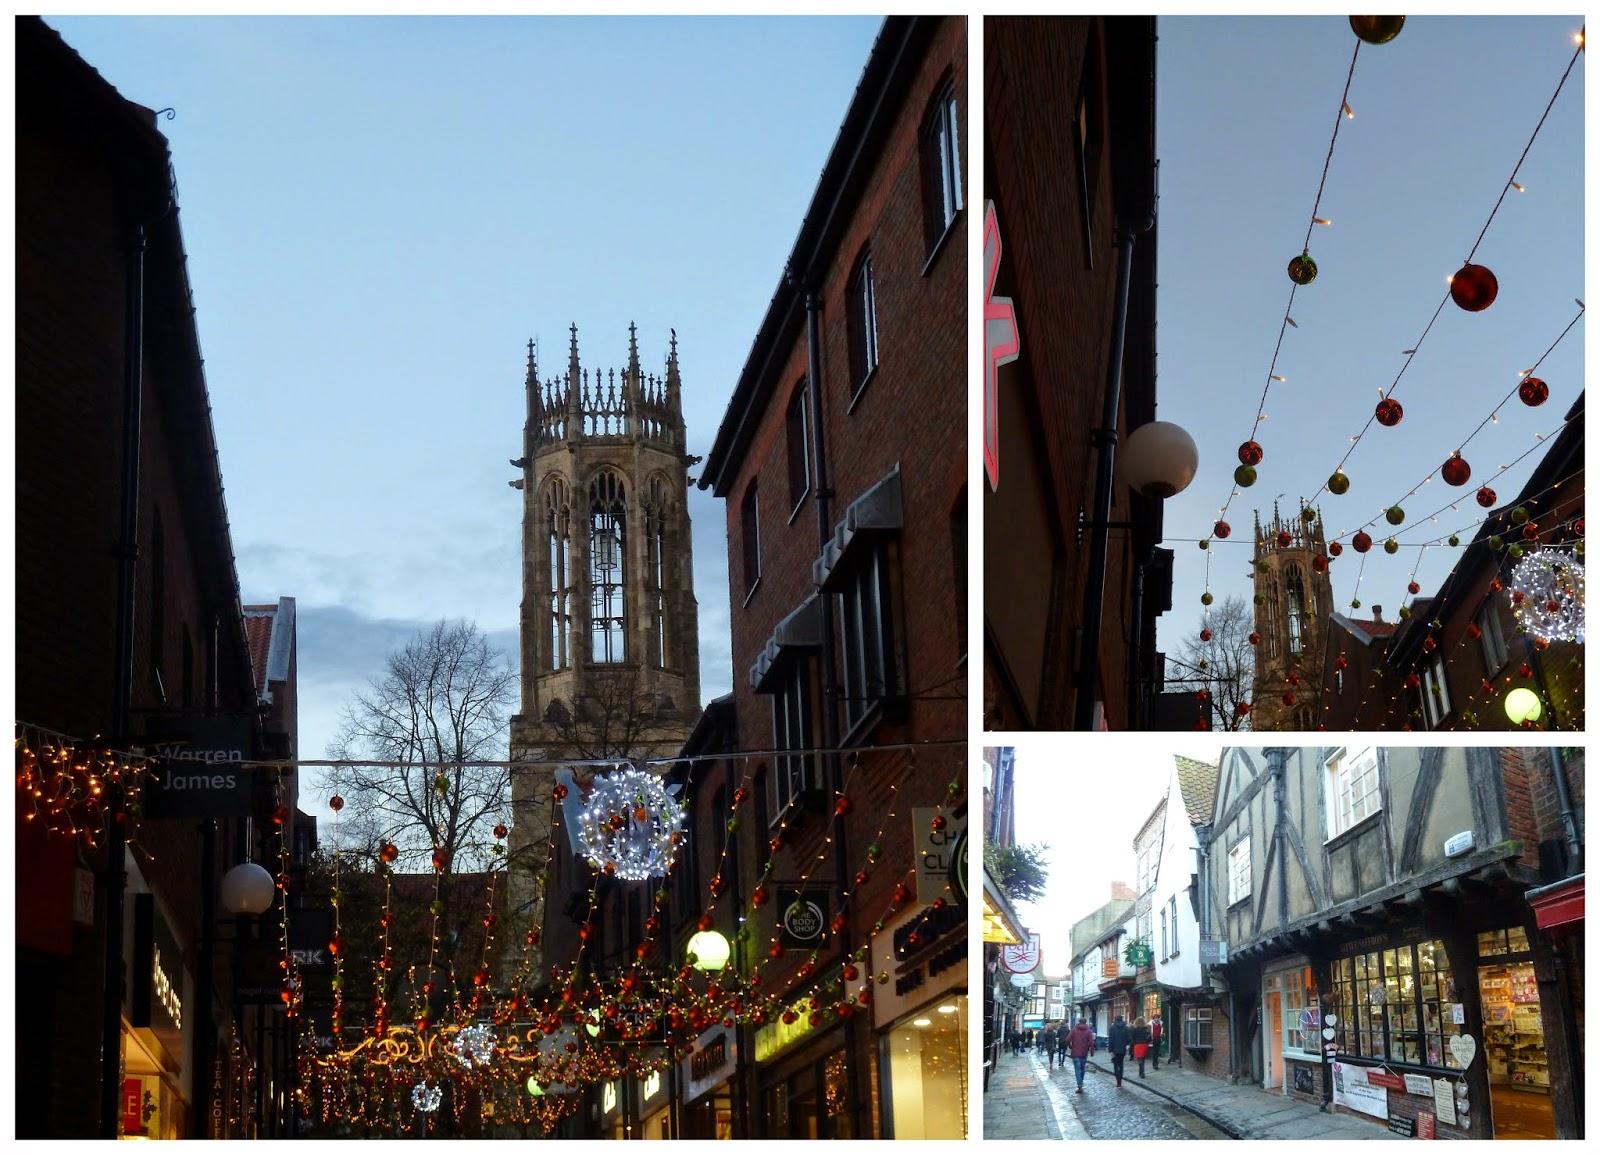 York's Christmas Lights